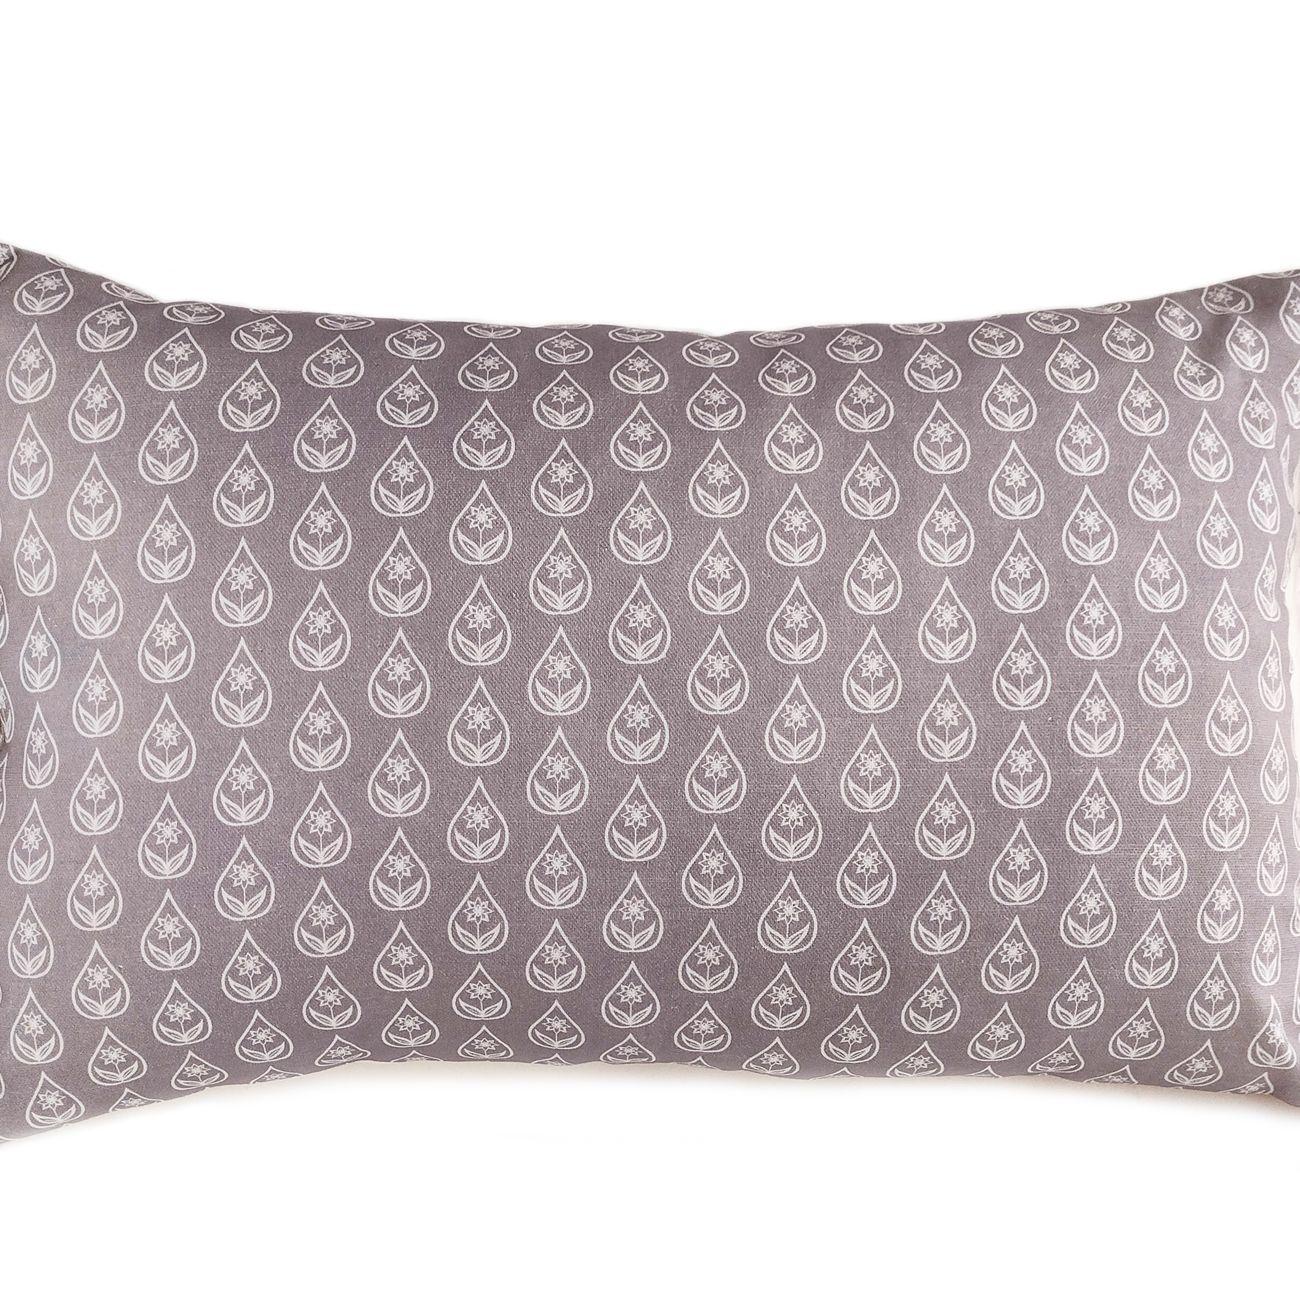 Large lumbar cushion in shale grey